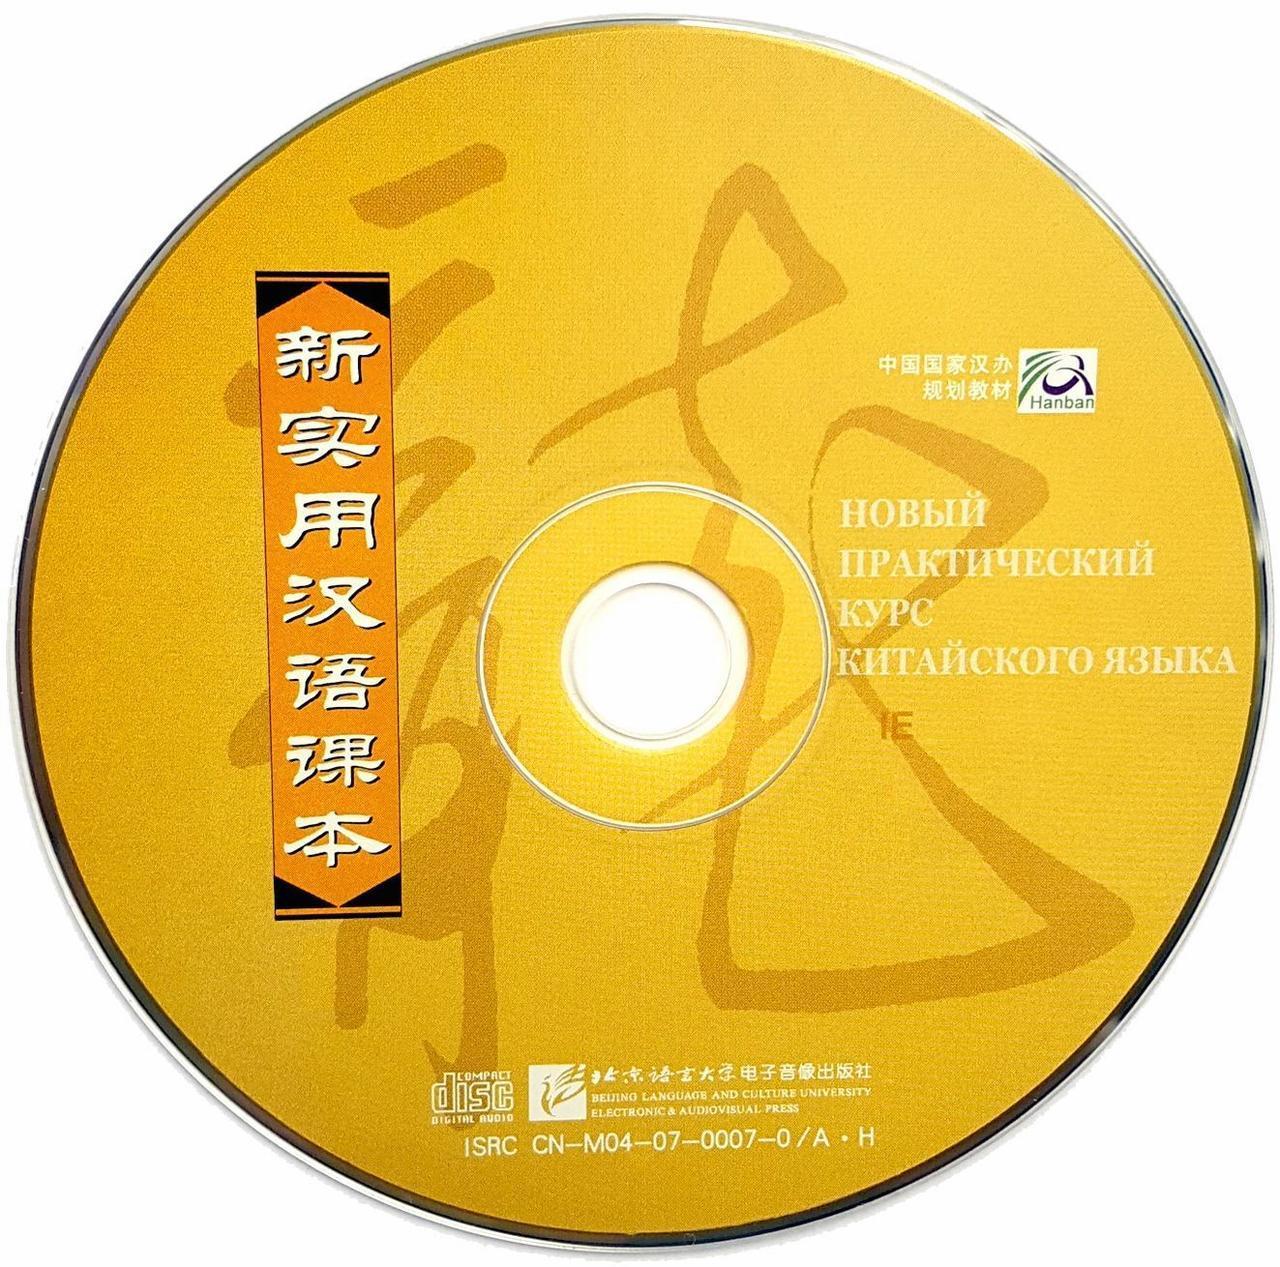 Новый практический курс китайского языка. Аудиоматериалы для сборника упражнений. Том 2